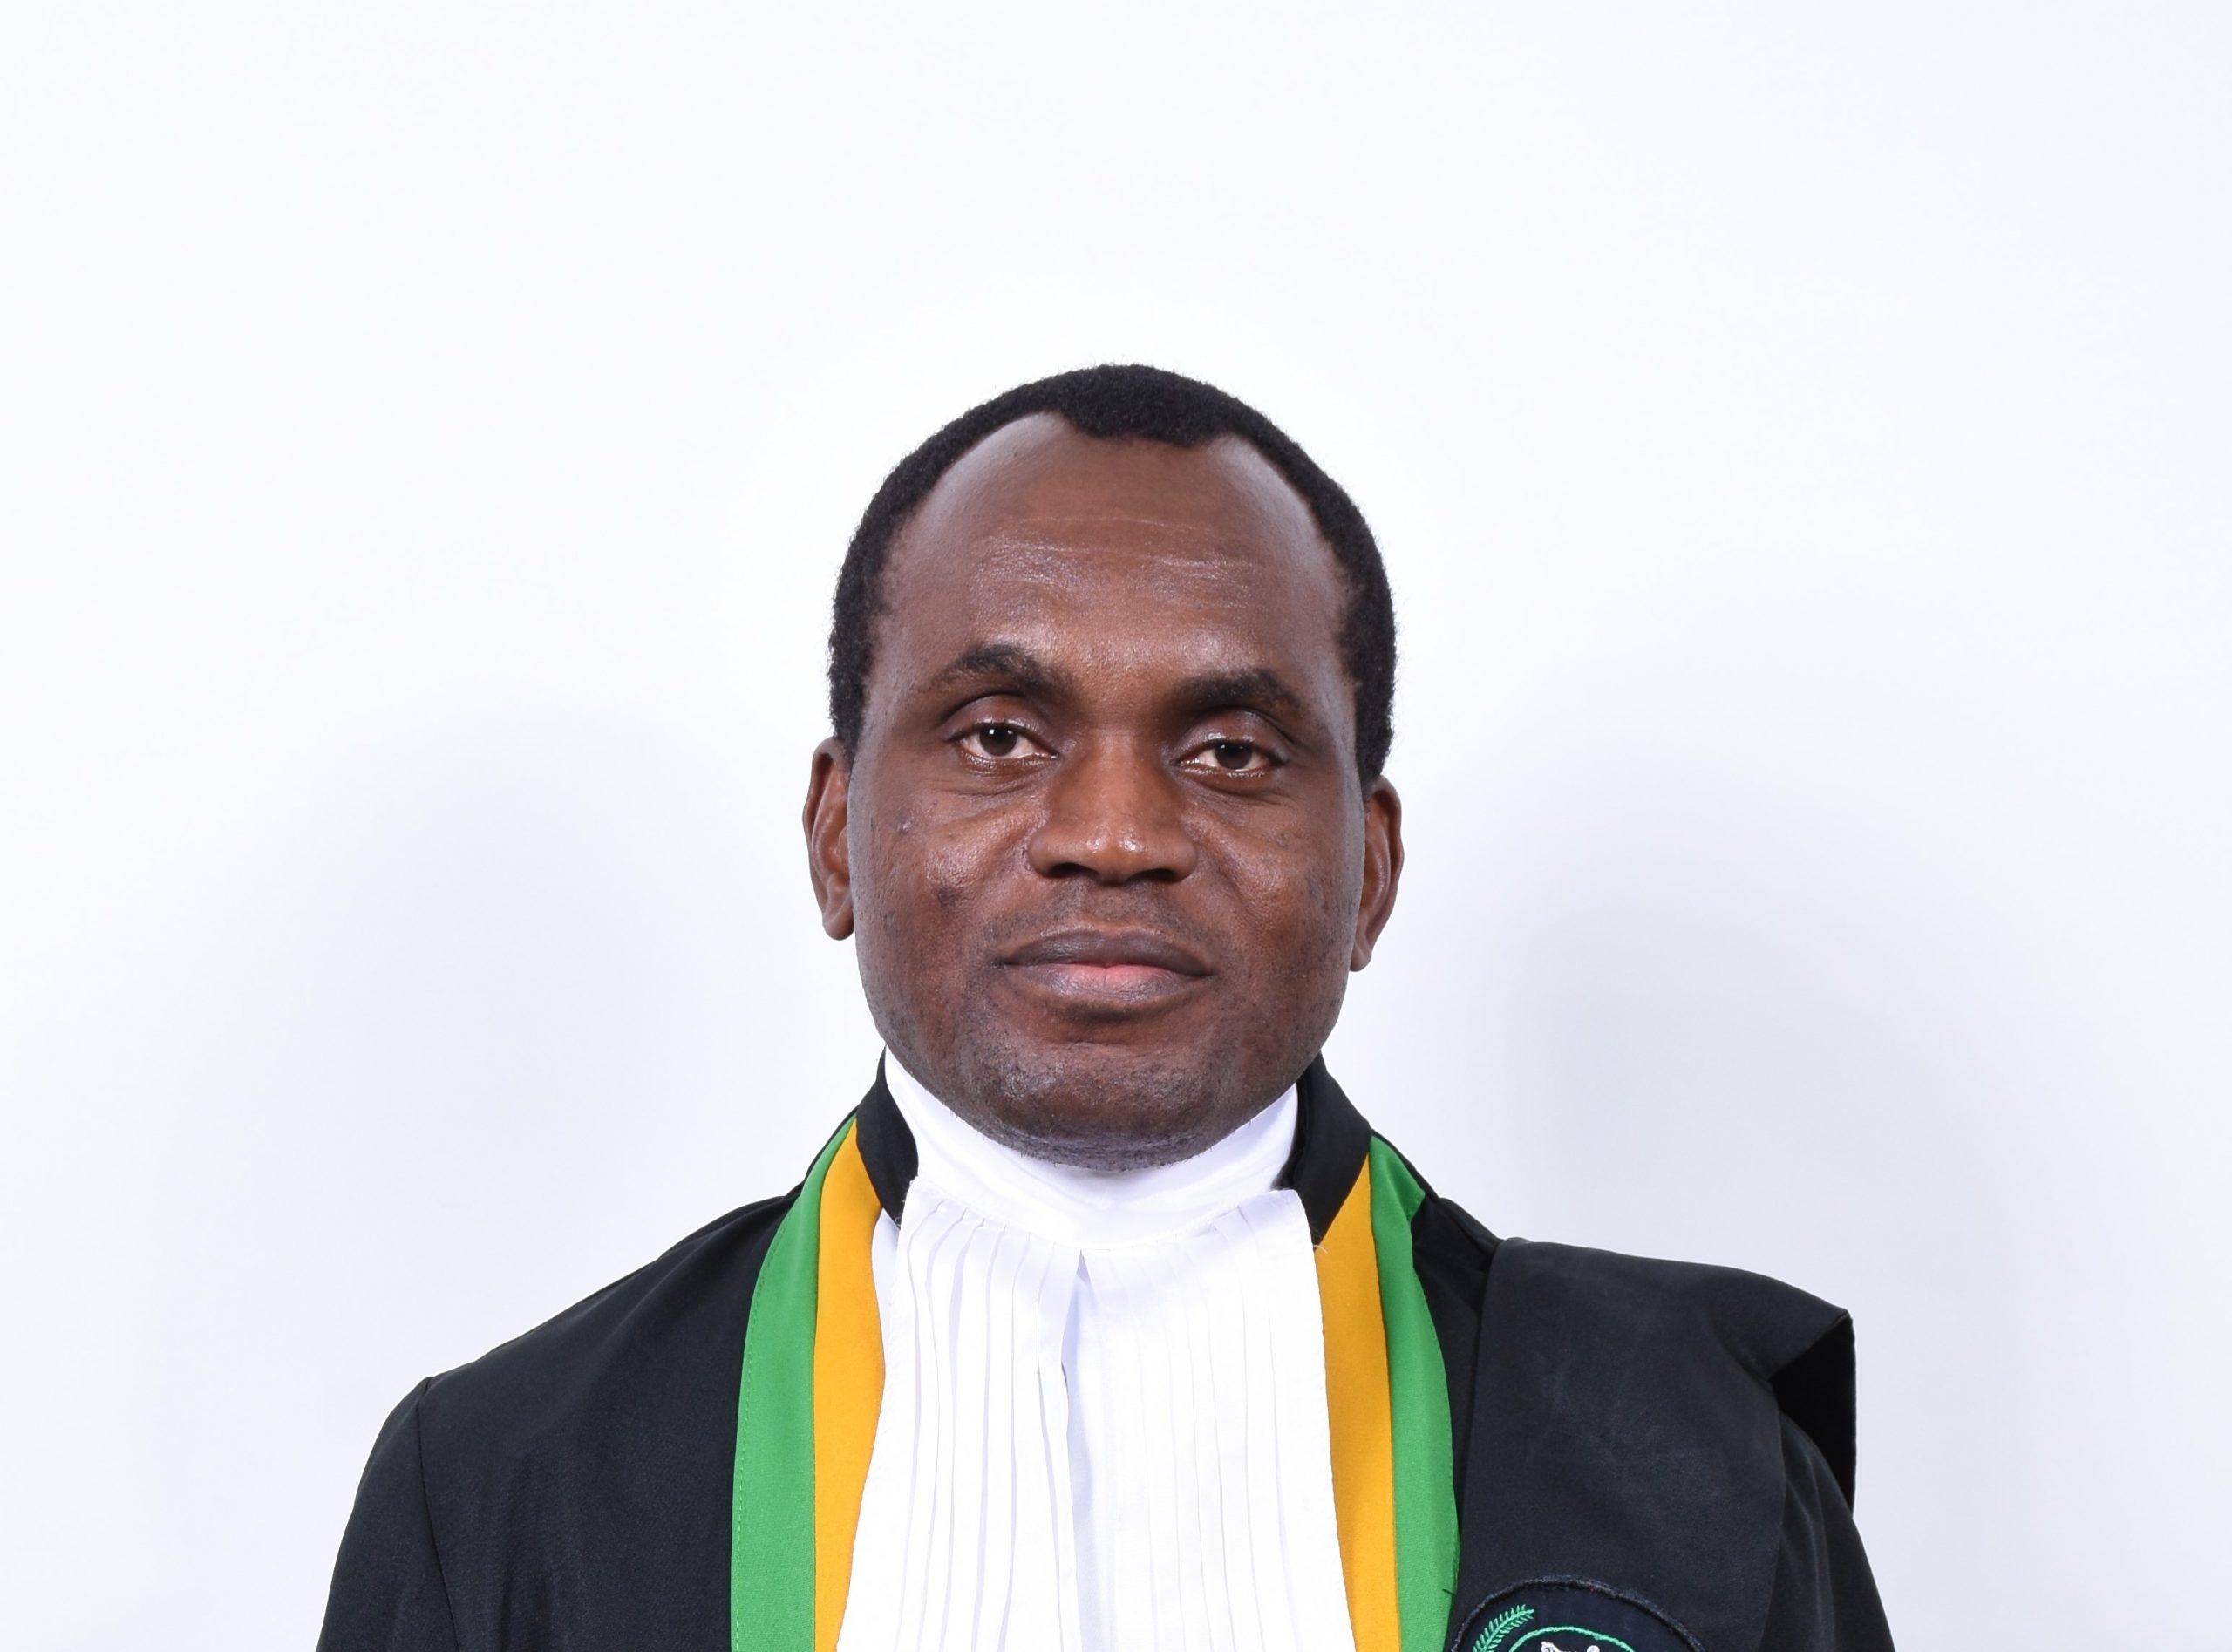 Juiz Sylvain Ore (Presidente) - Côte d'Ivoire,